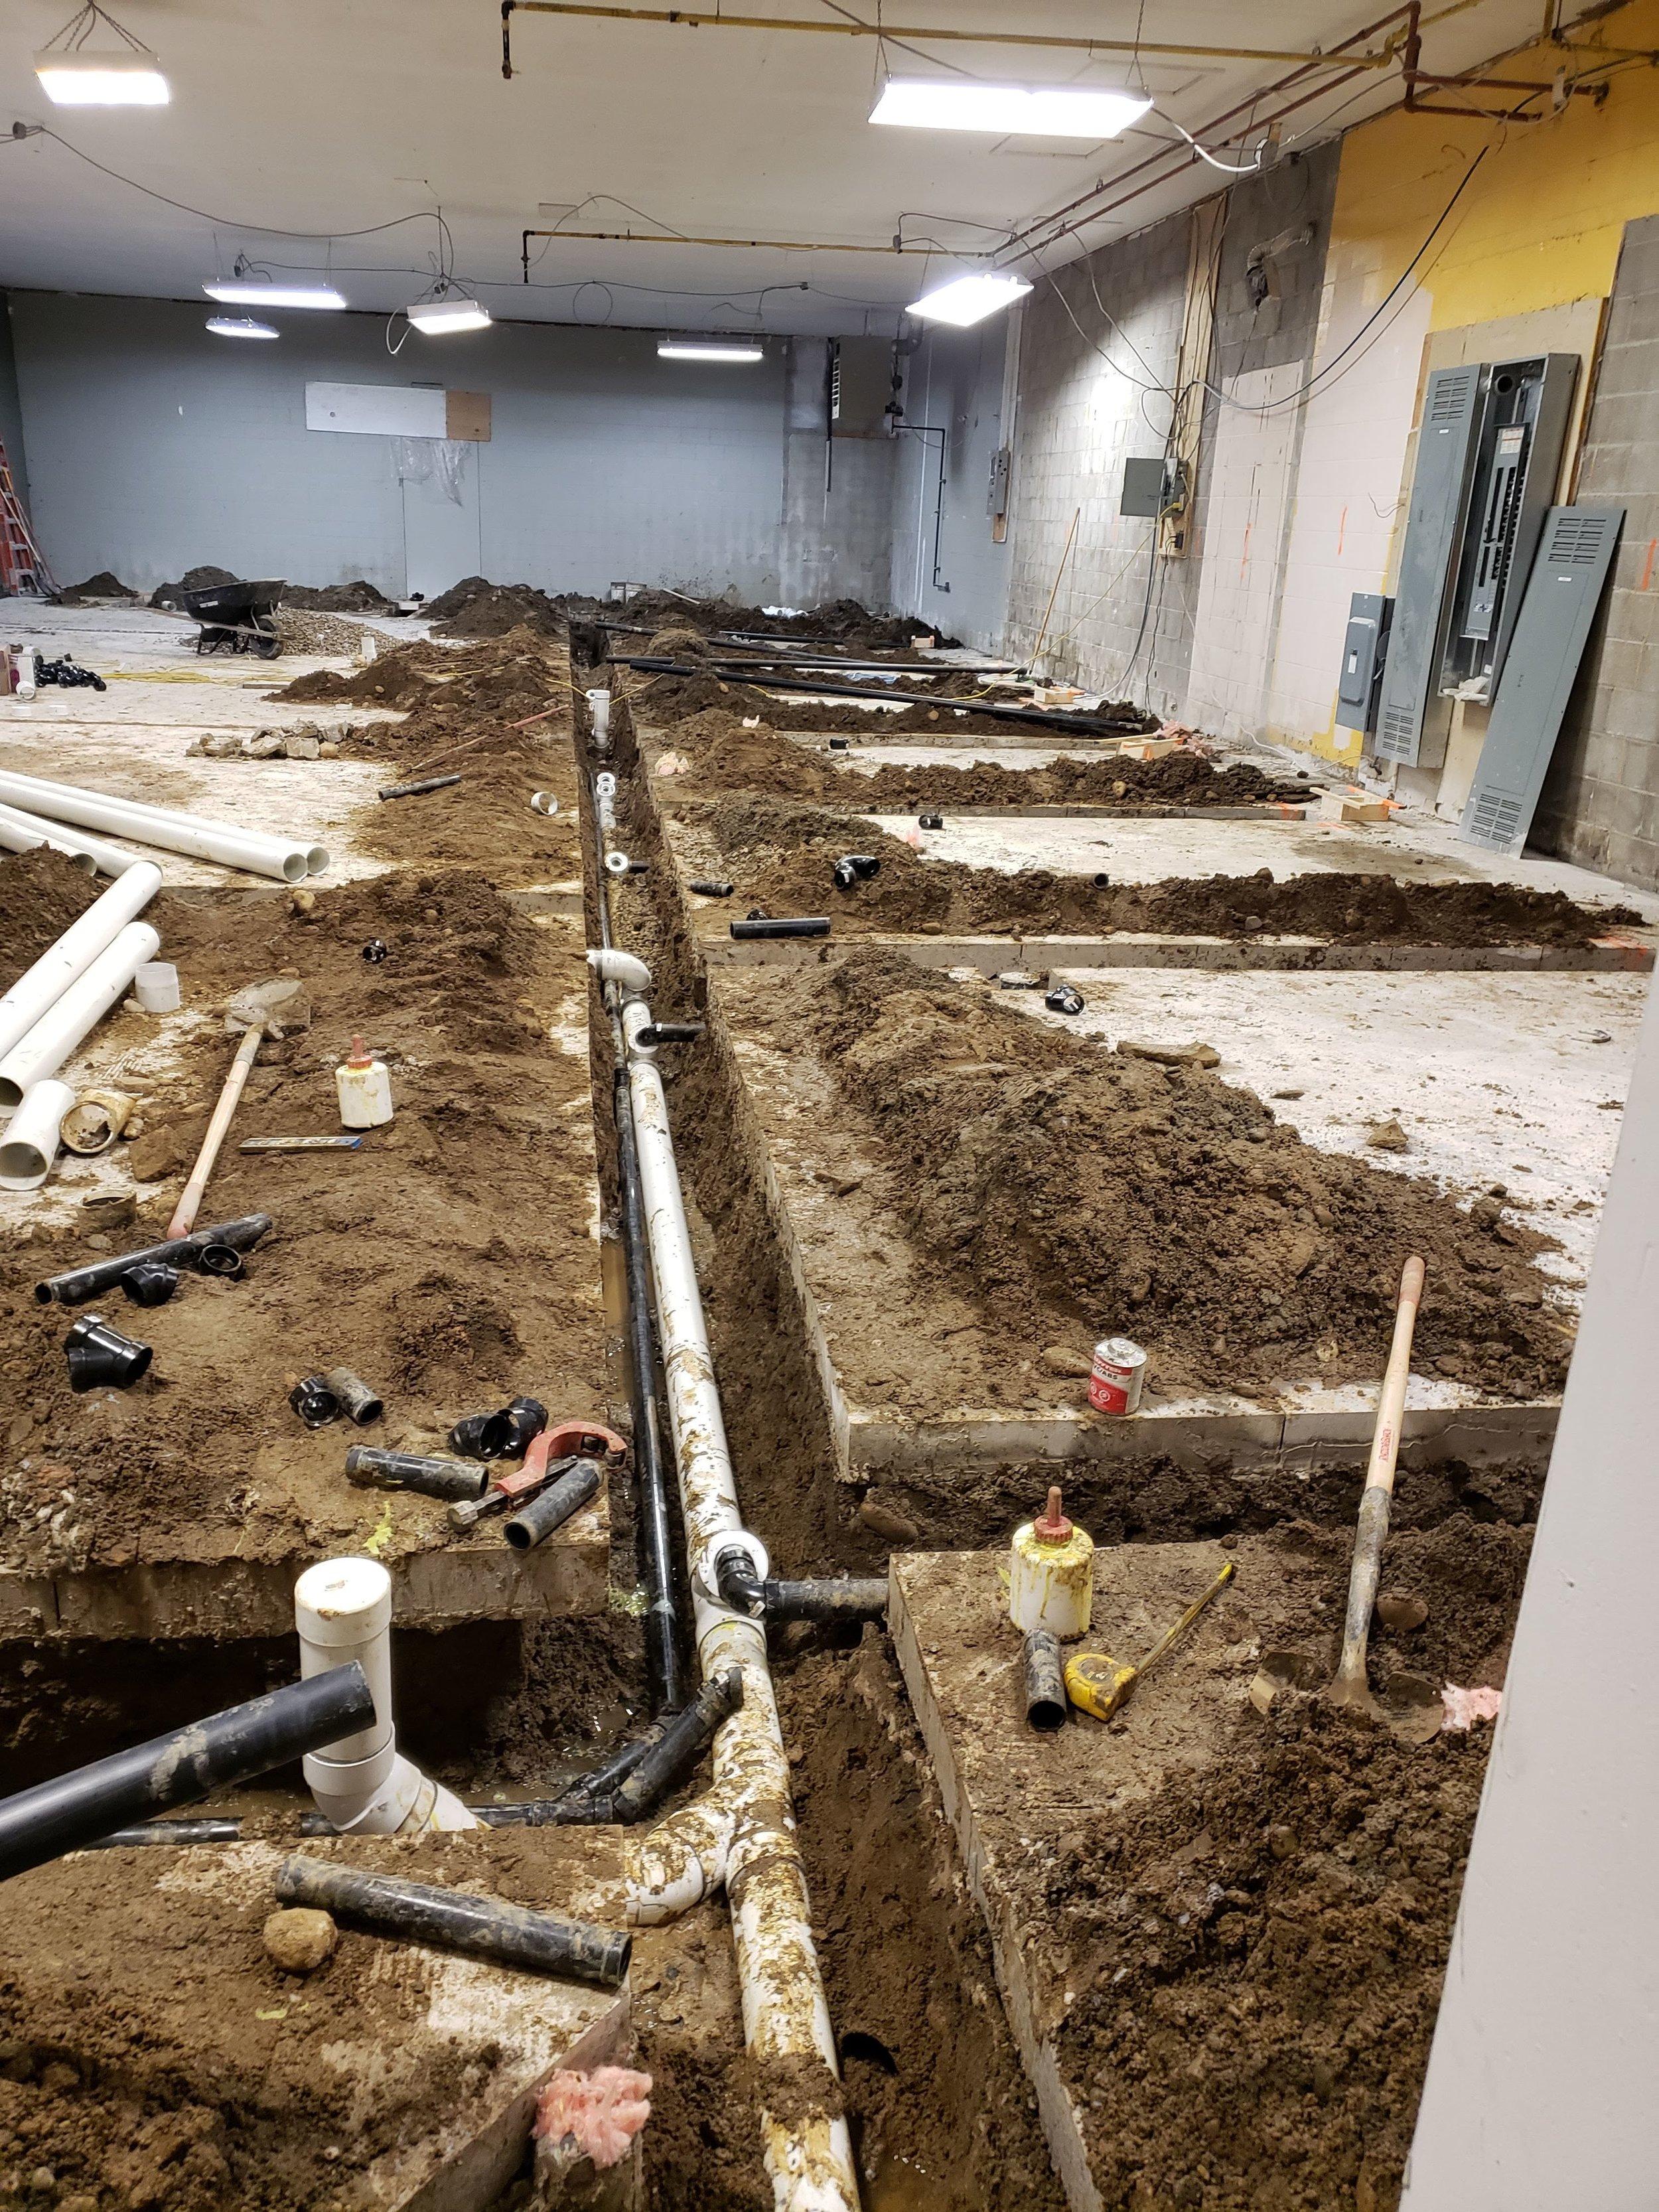 Concrete cut and drains set up.